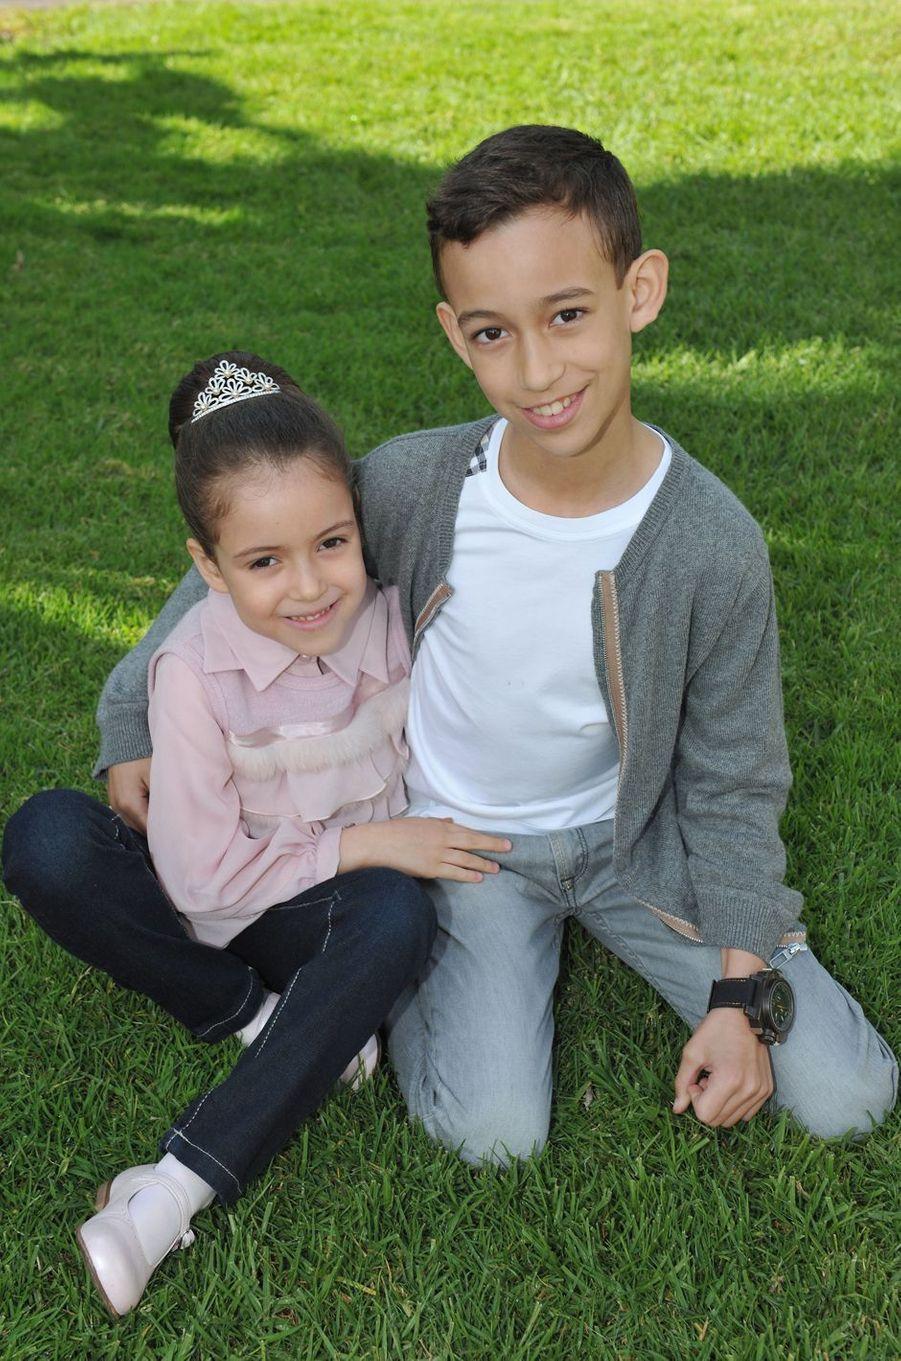 La princesse Lalla Khadija du Maroc avec son frère le prince Moulay El Hassan, le 28 février 2013